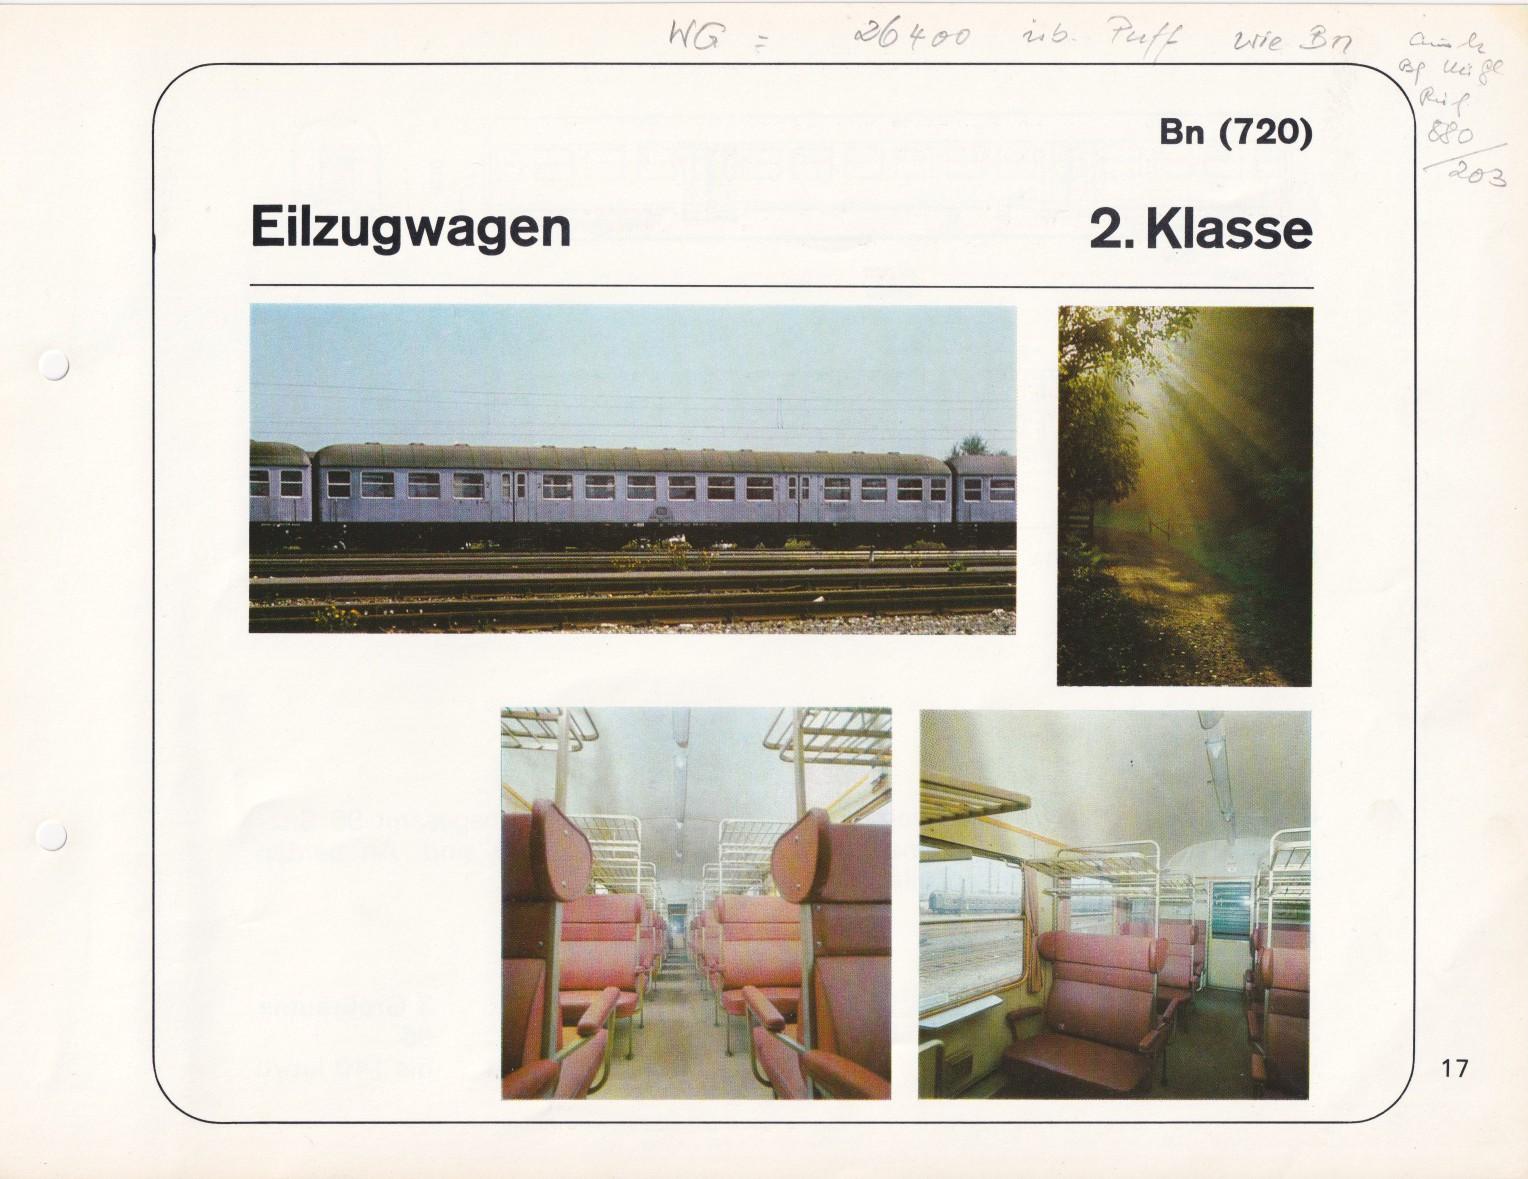 https://www.nullclub.de/hifo/Fahrzeuglexikon/Wagen17a.jpg